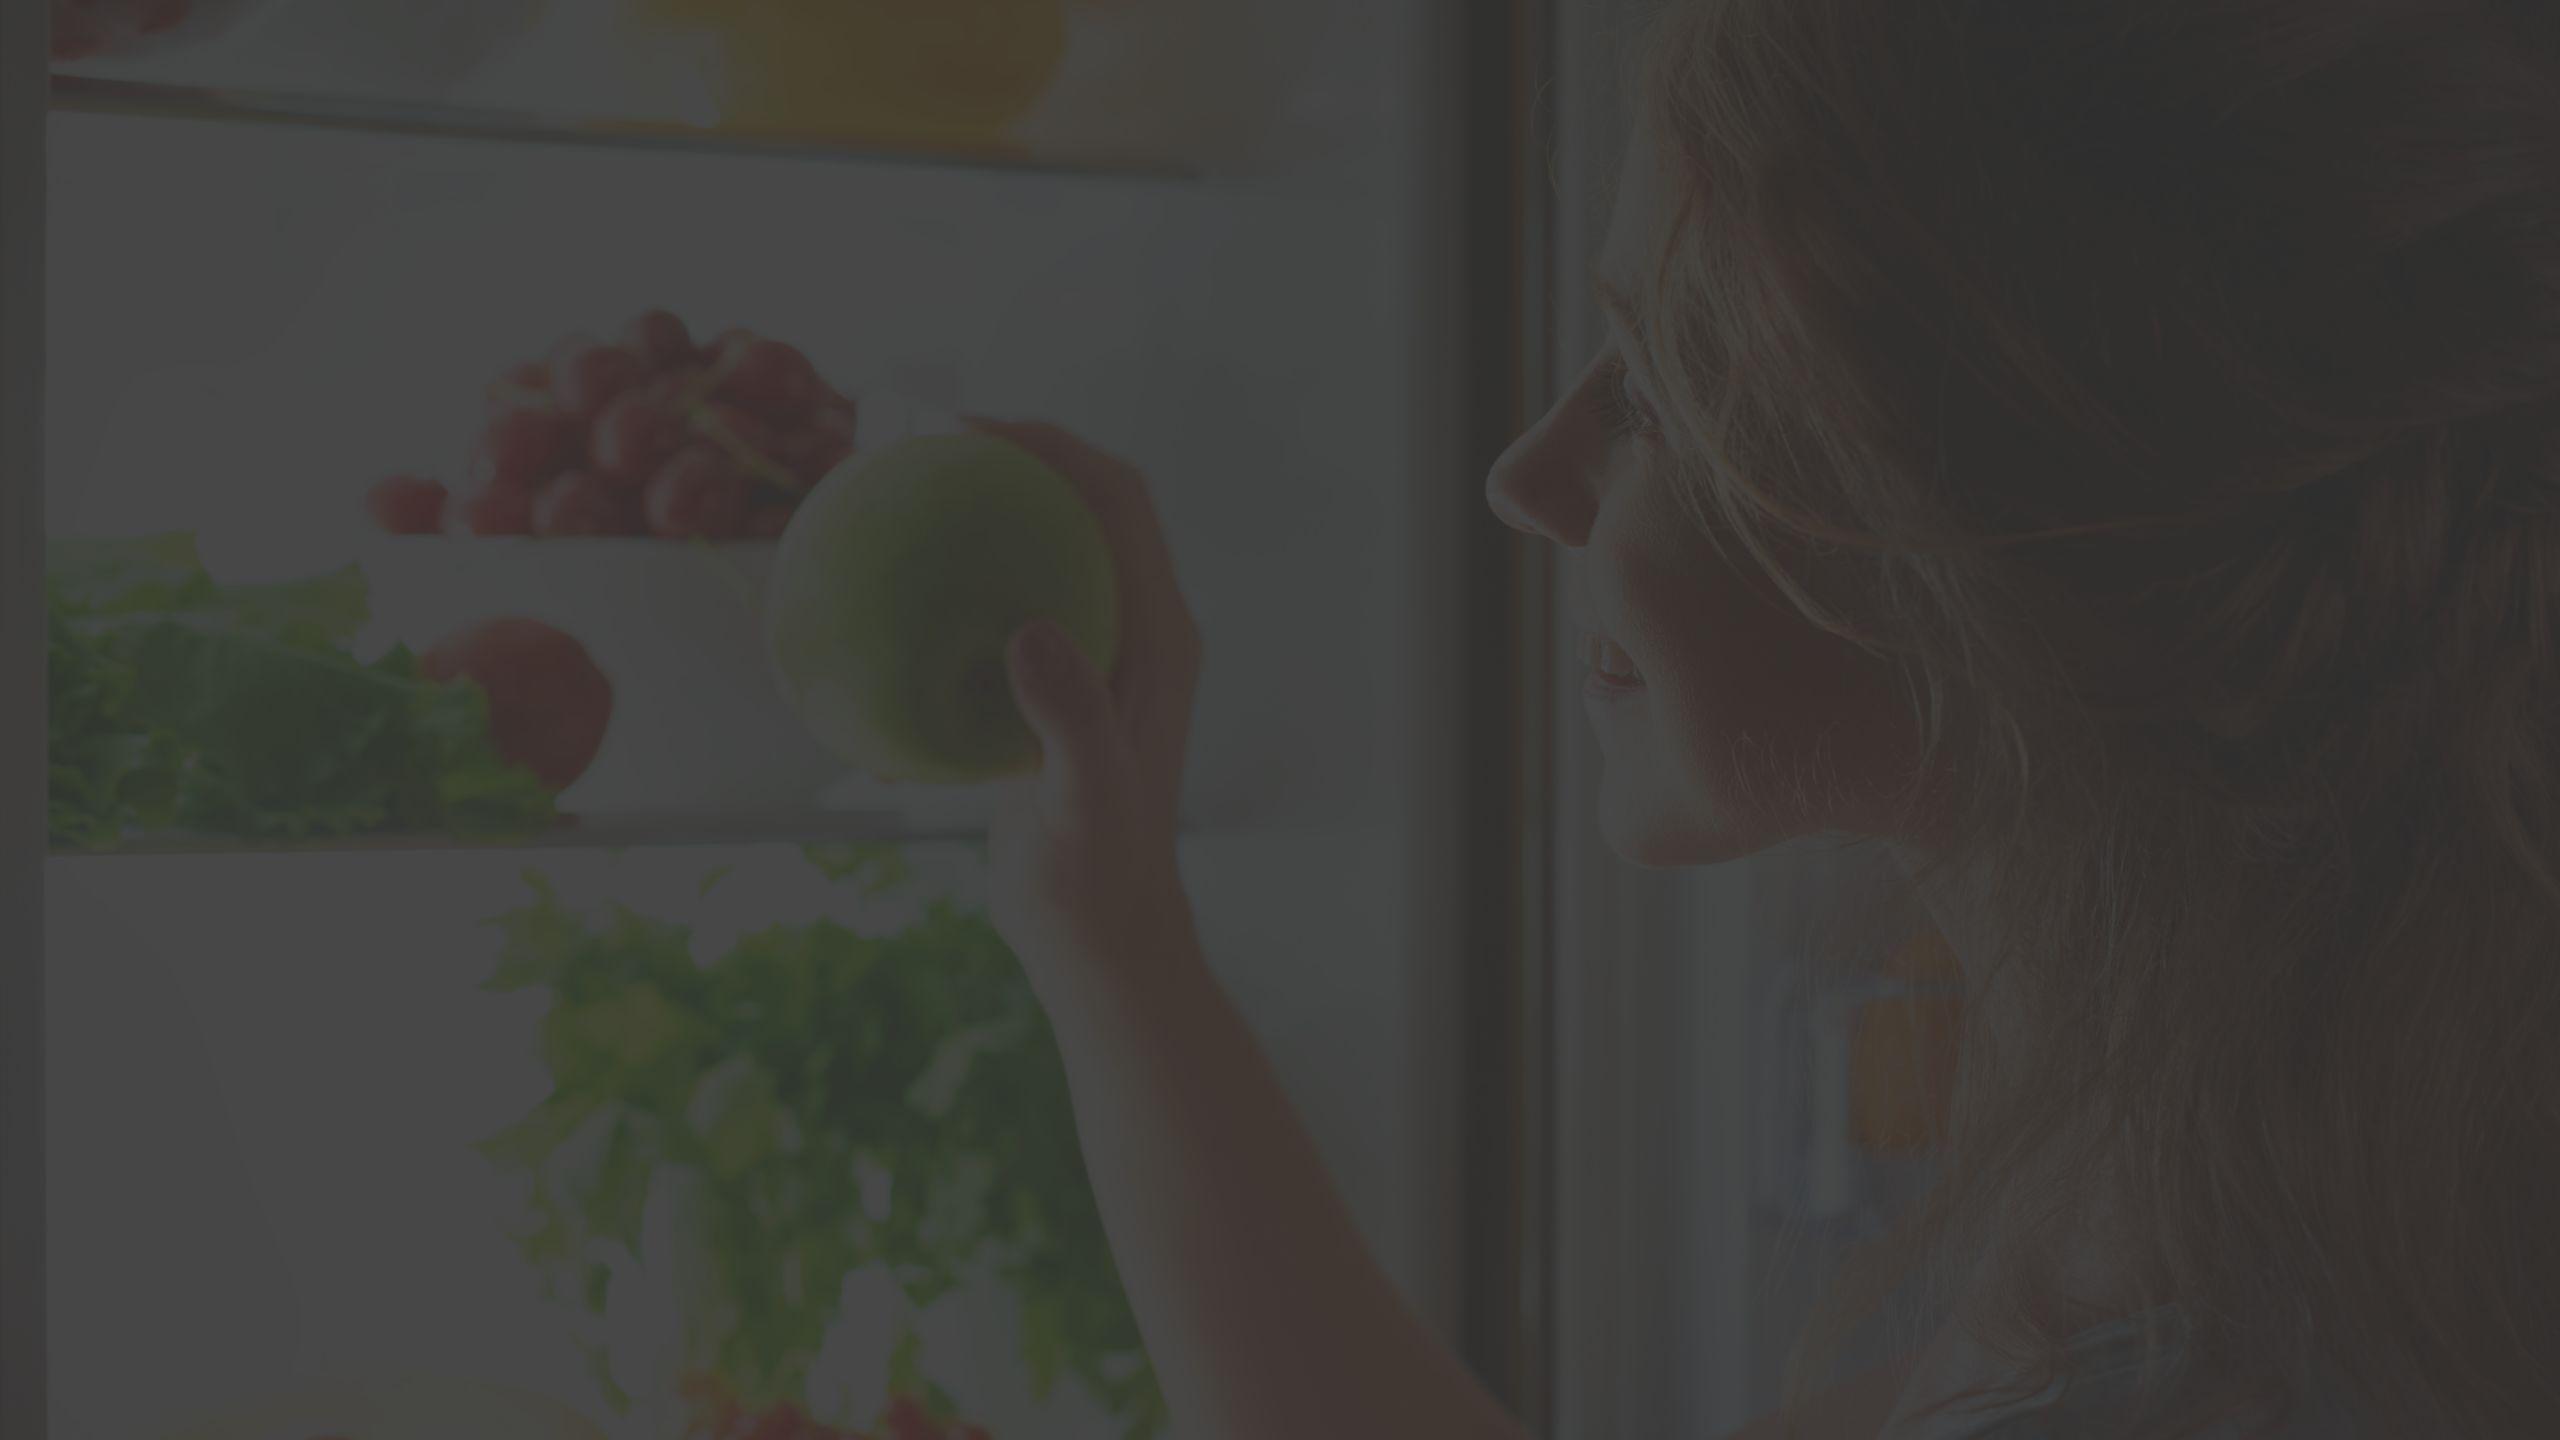 Healthy Snacks Help Keep Diabetes in Check